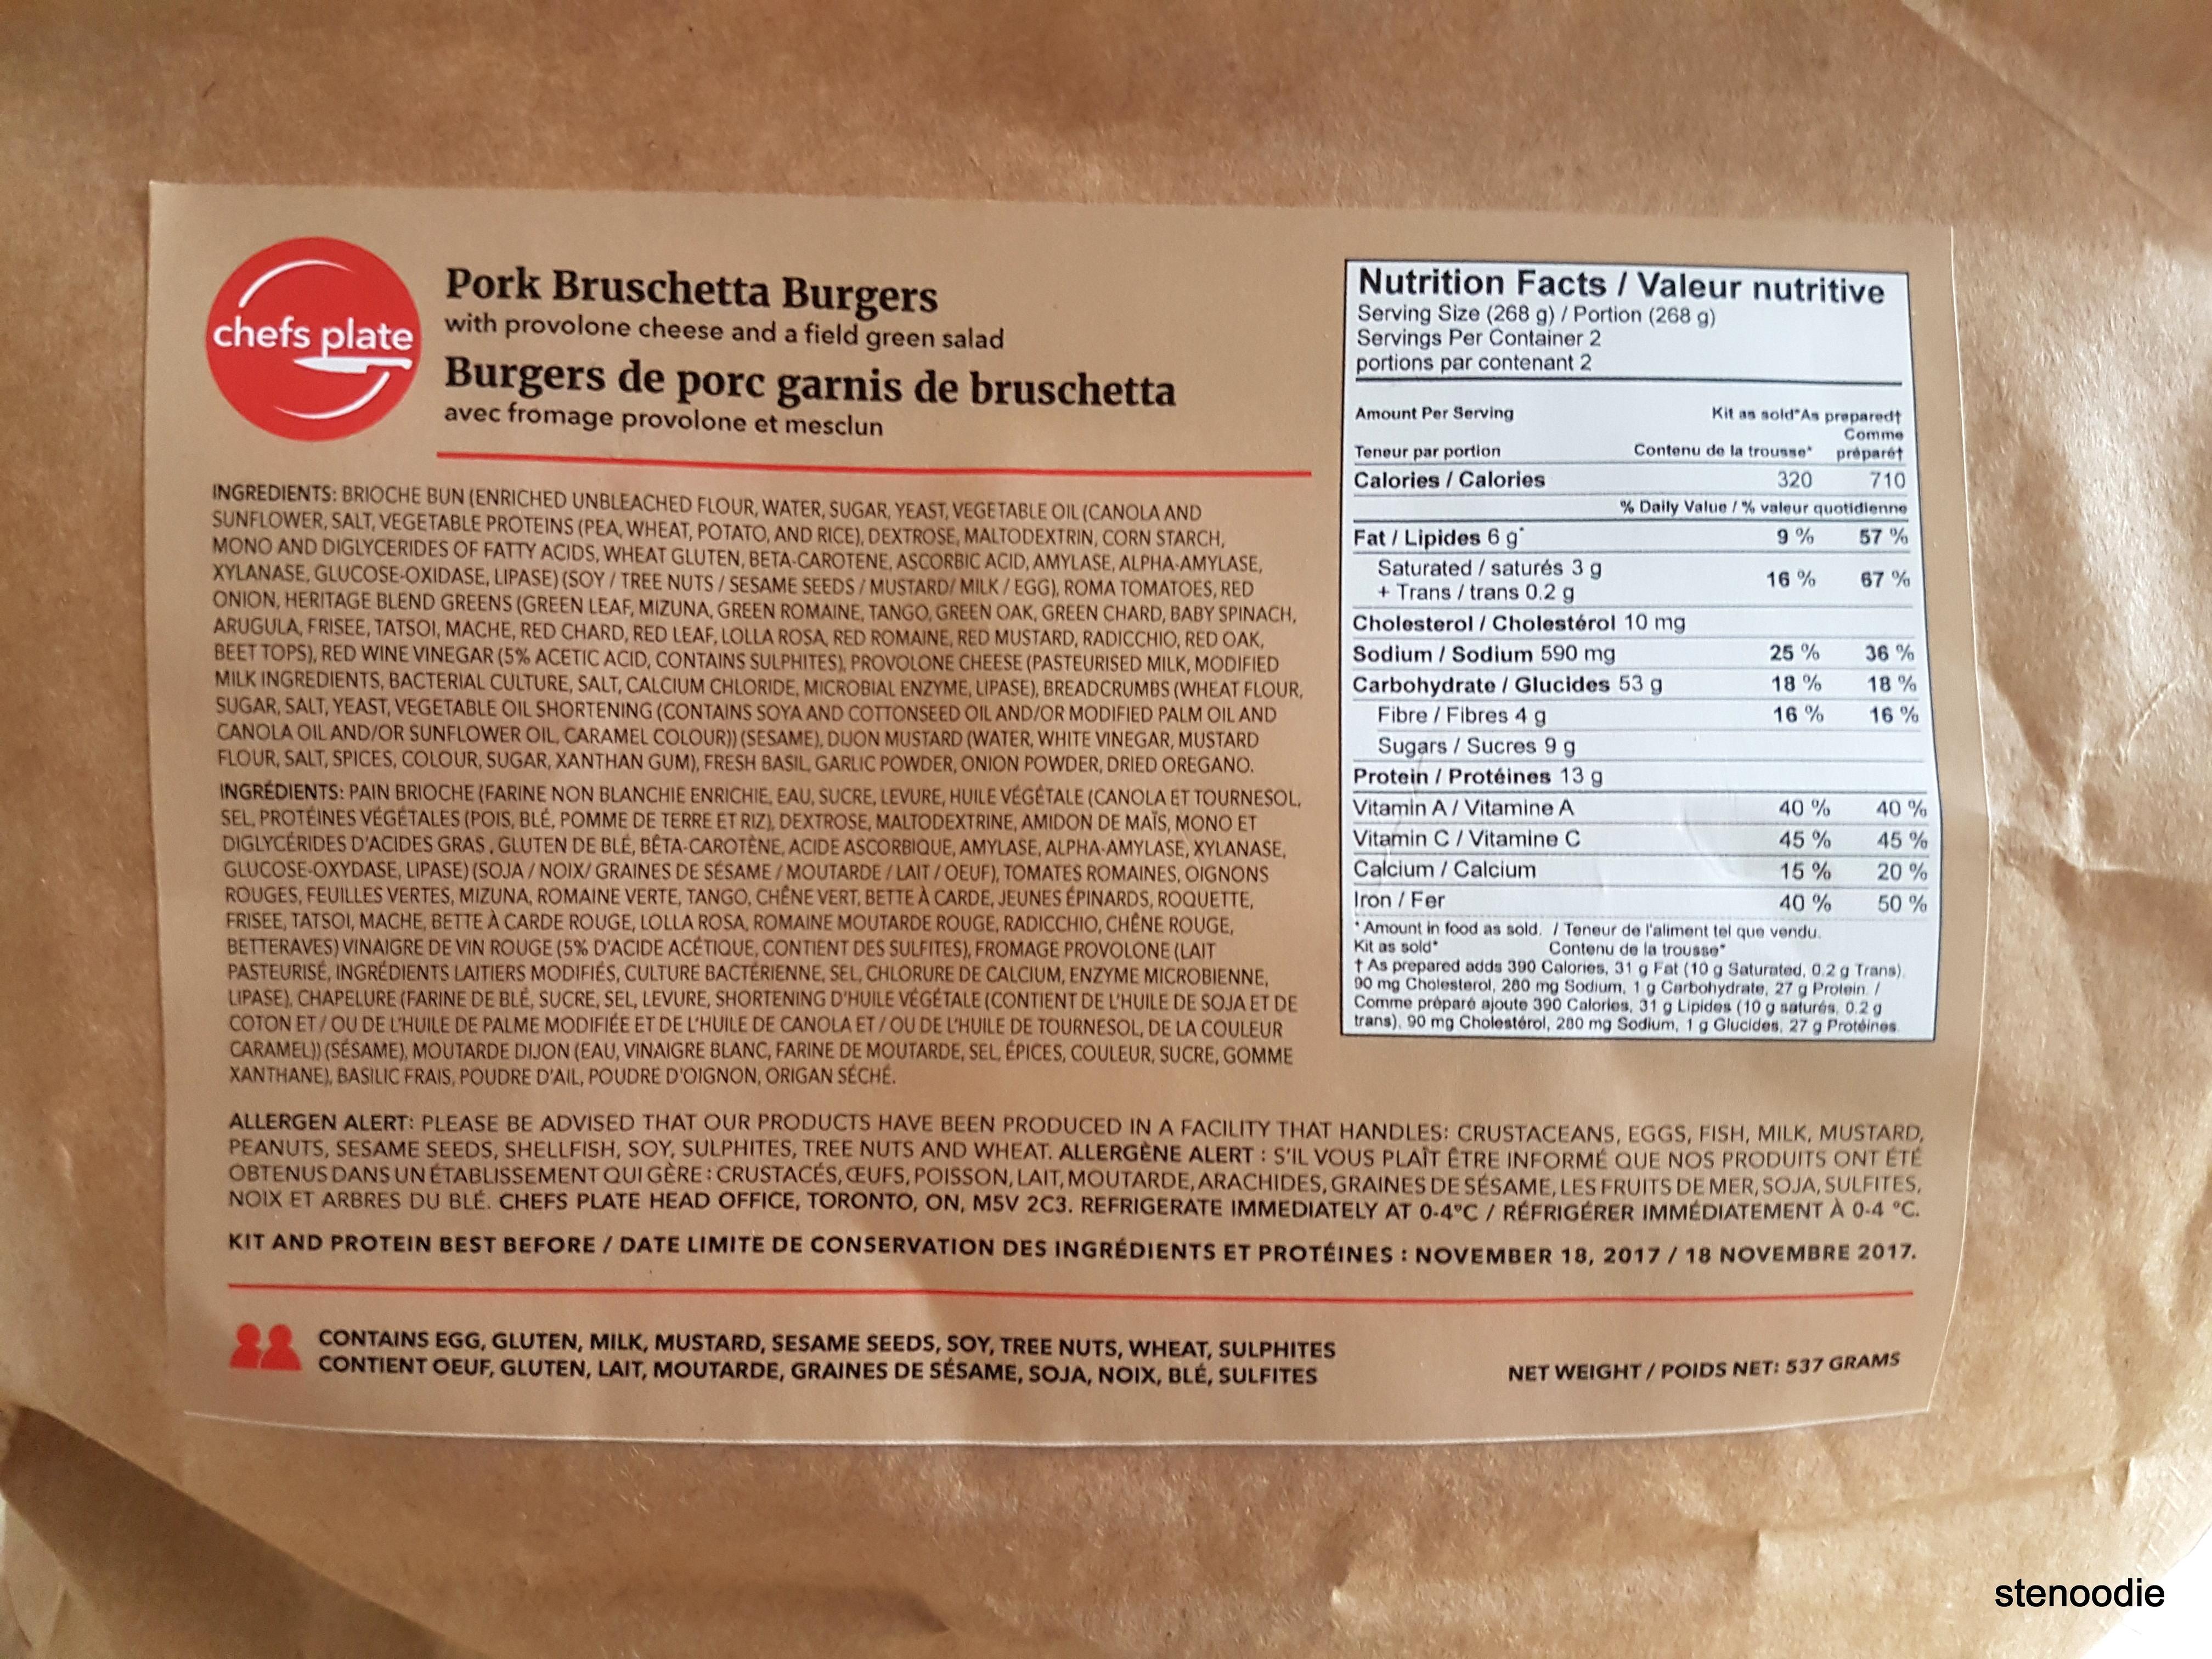 Pork Bruschetta Burgers nutrition information